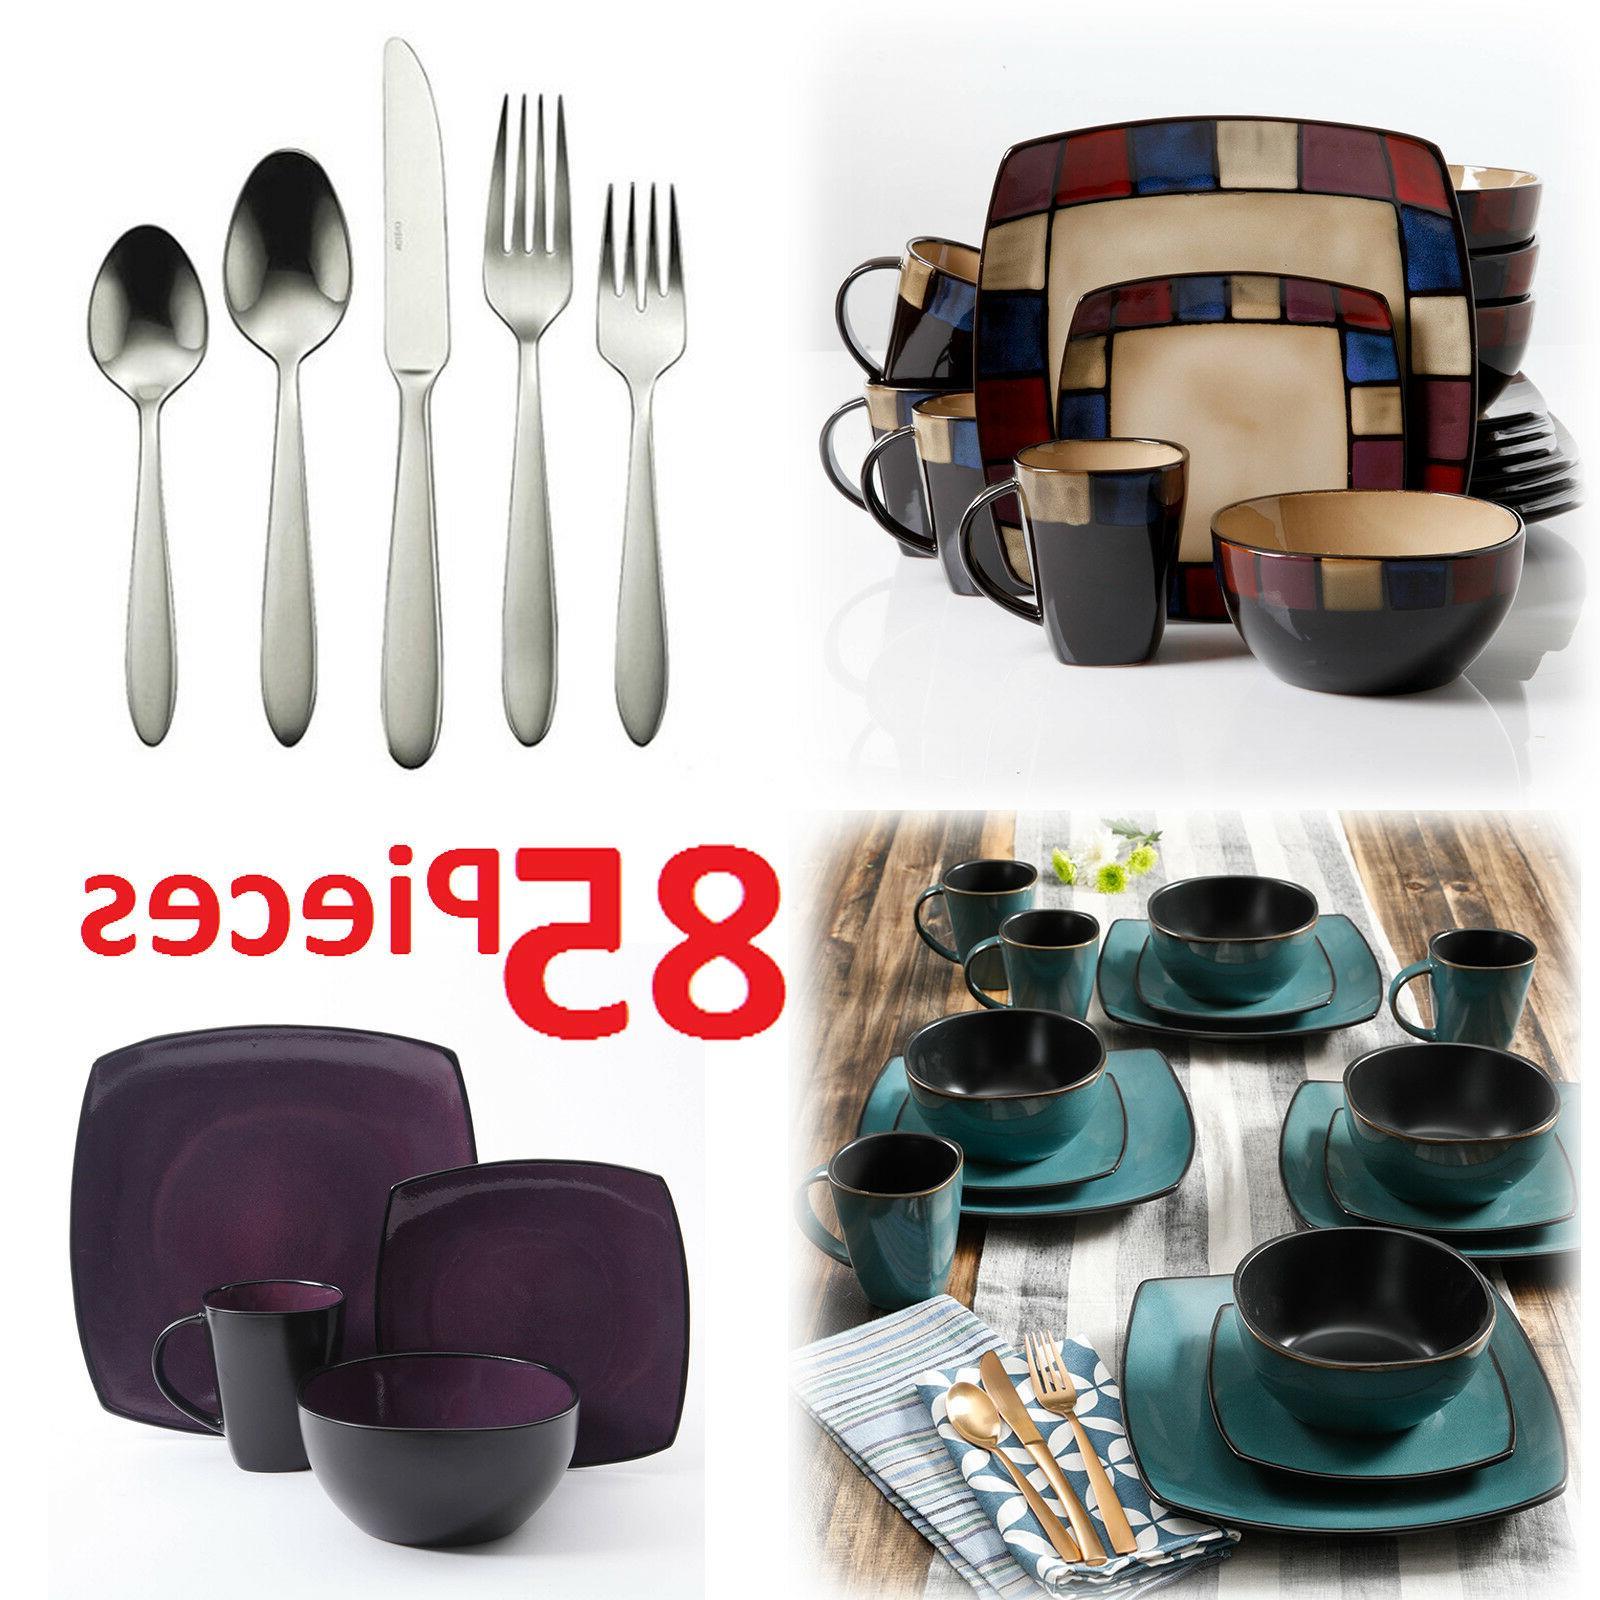 Square For 8 85Pcs 32Pc Plates Bowls Dishes Mug